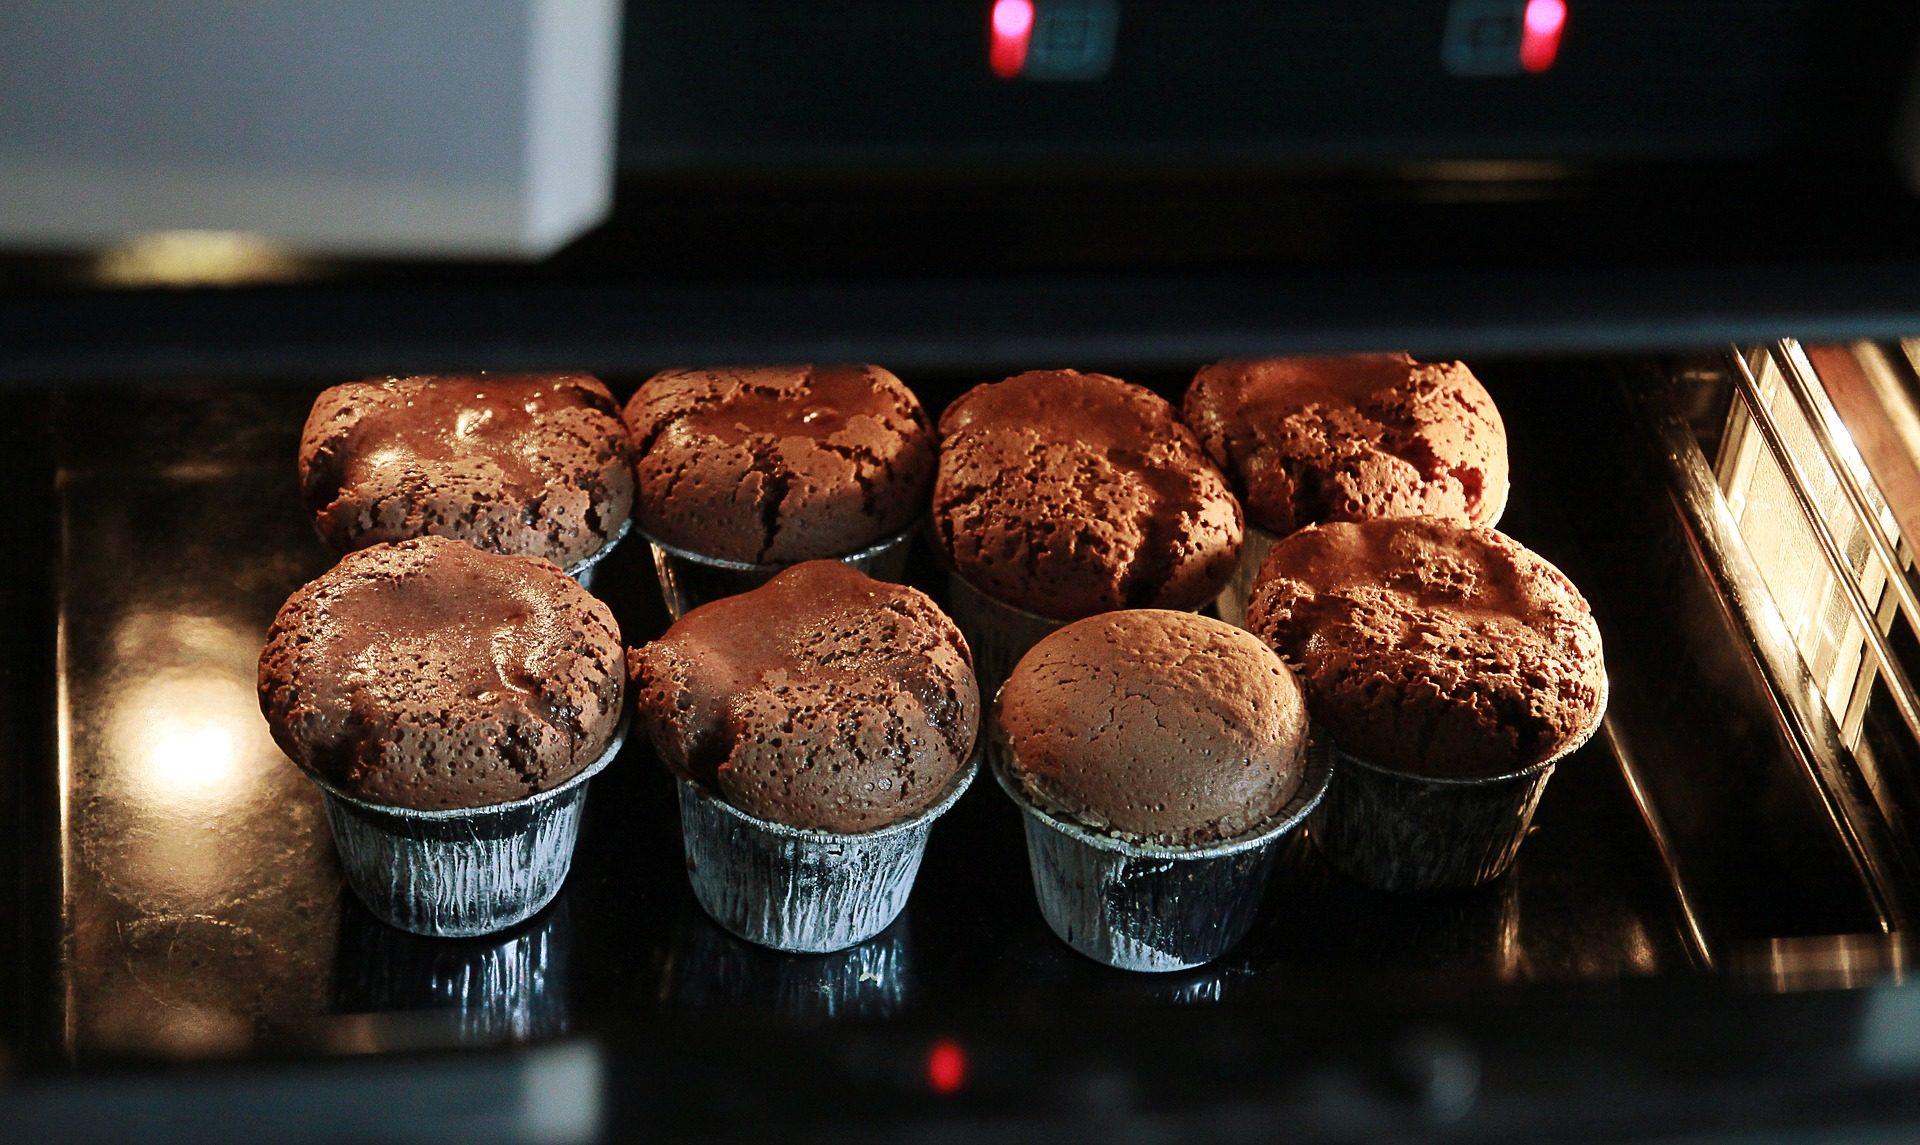 muffin, Cupcakes, cioccolato, forno, pasticceria, dolce, cucina - Sfondi HD - Professor-falken.com